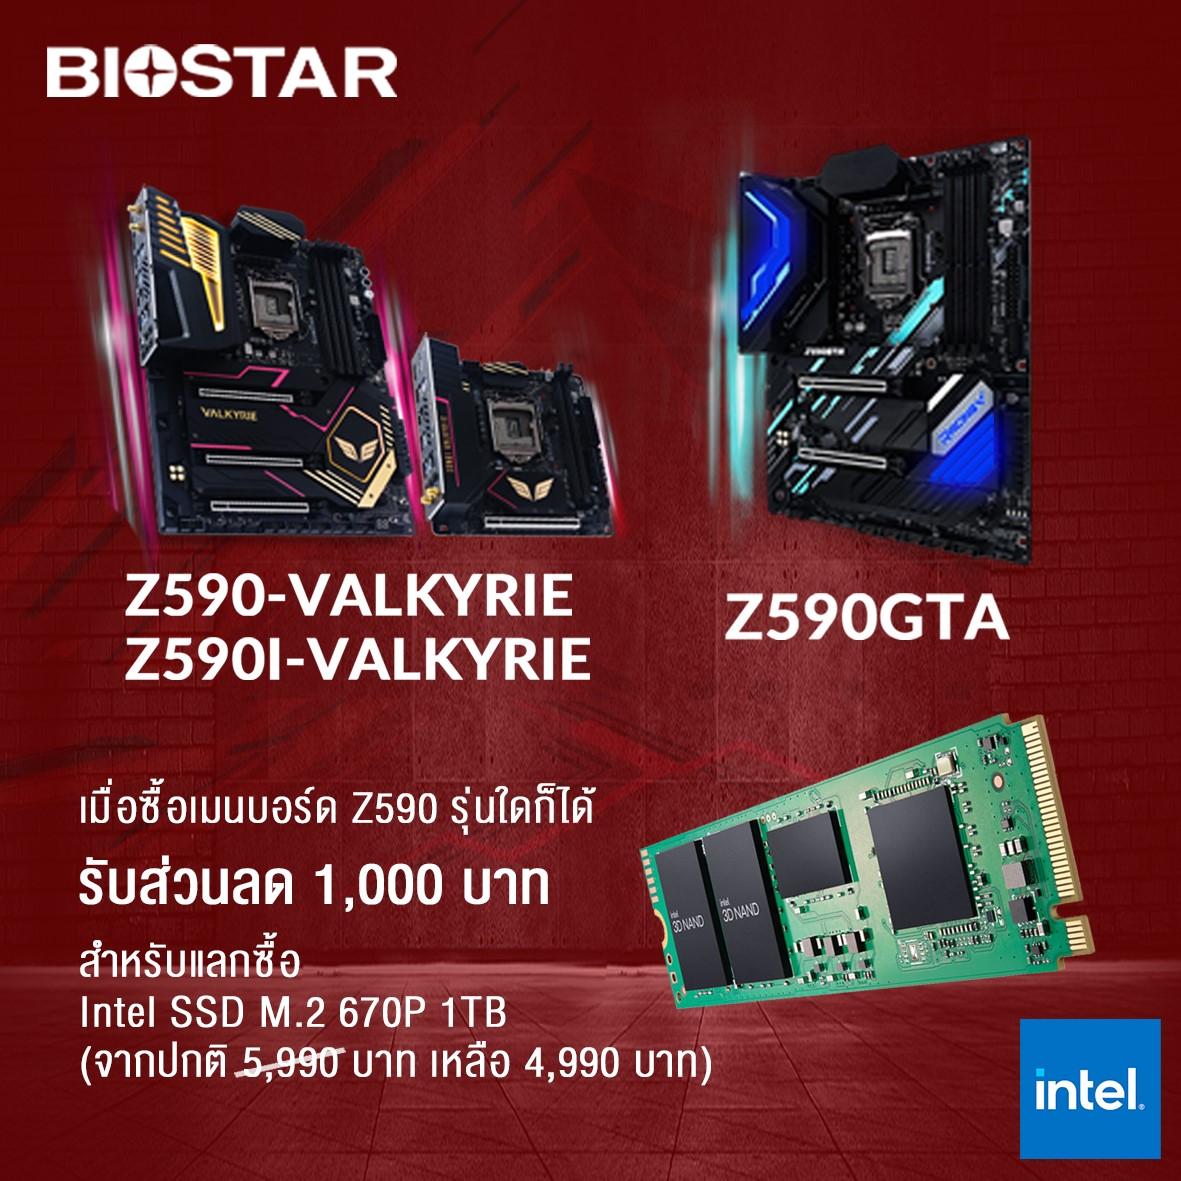 โปรโมชั่นแพ็คคู่…. เมื่อซื้อเมนบอร์ด Biostar รุ่น Z590, Z590I Valkyrie และ Z590GTA รับส่วนลดทันที 1,000 บาท สำหรับแลกซื้อ Intel SSD M.2 670P 1 TB จากราคาปกติ 5,990 บาท เหลือเพียง 4,990 บาท